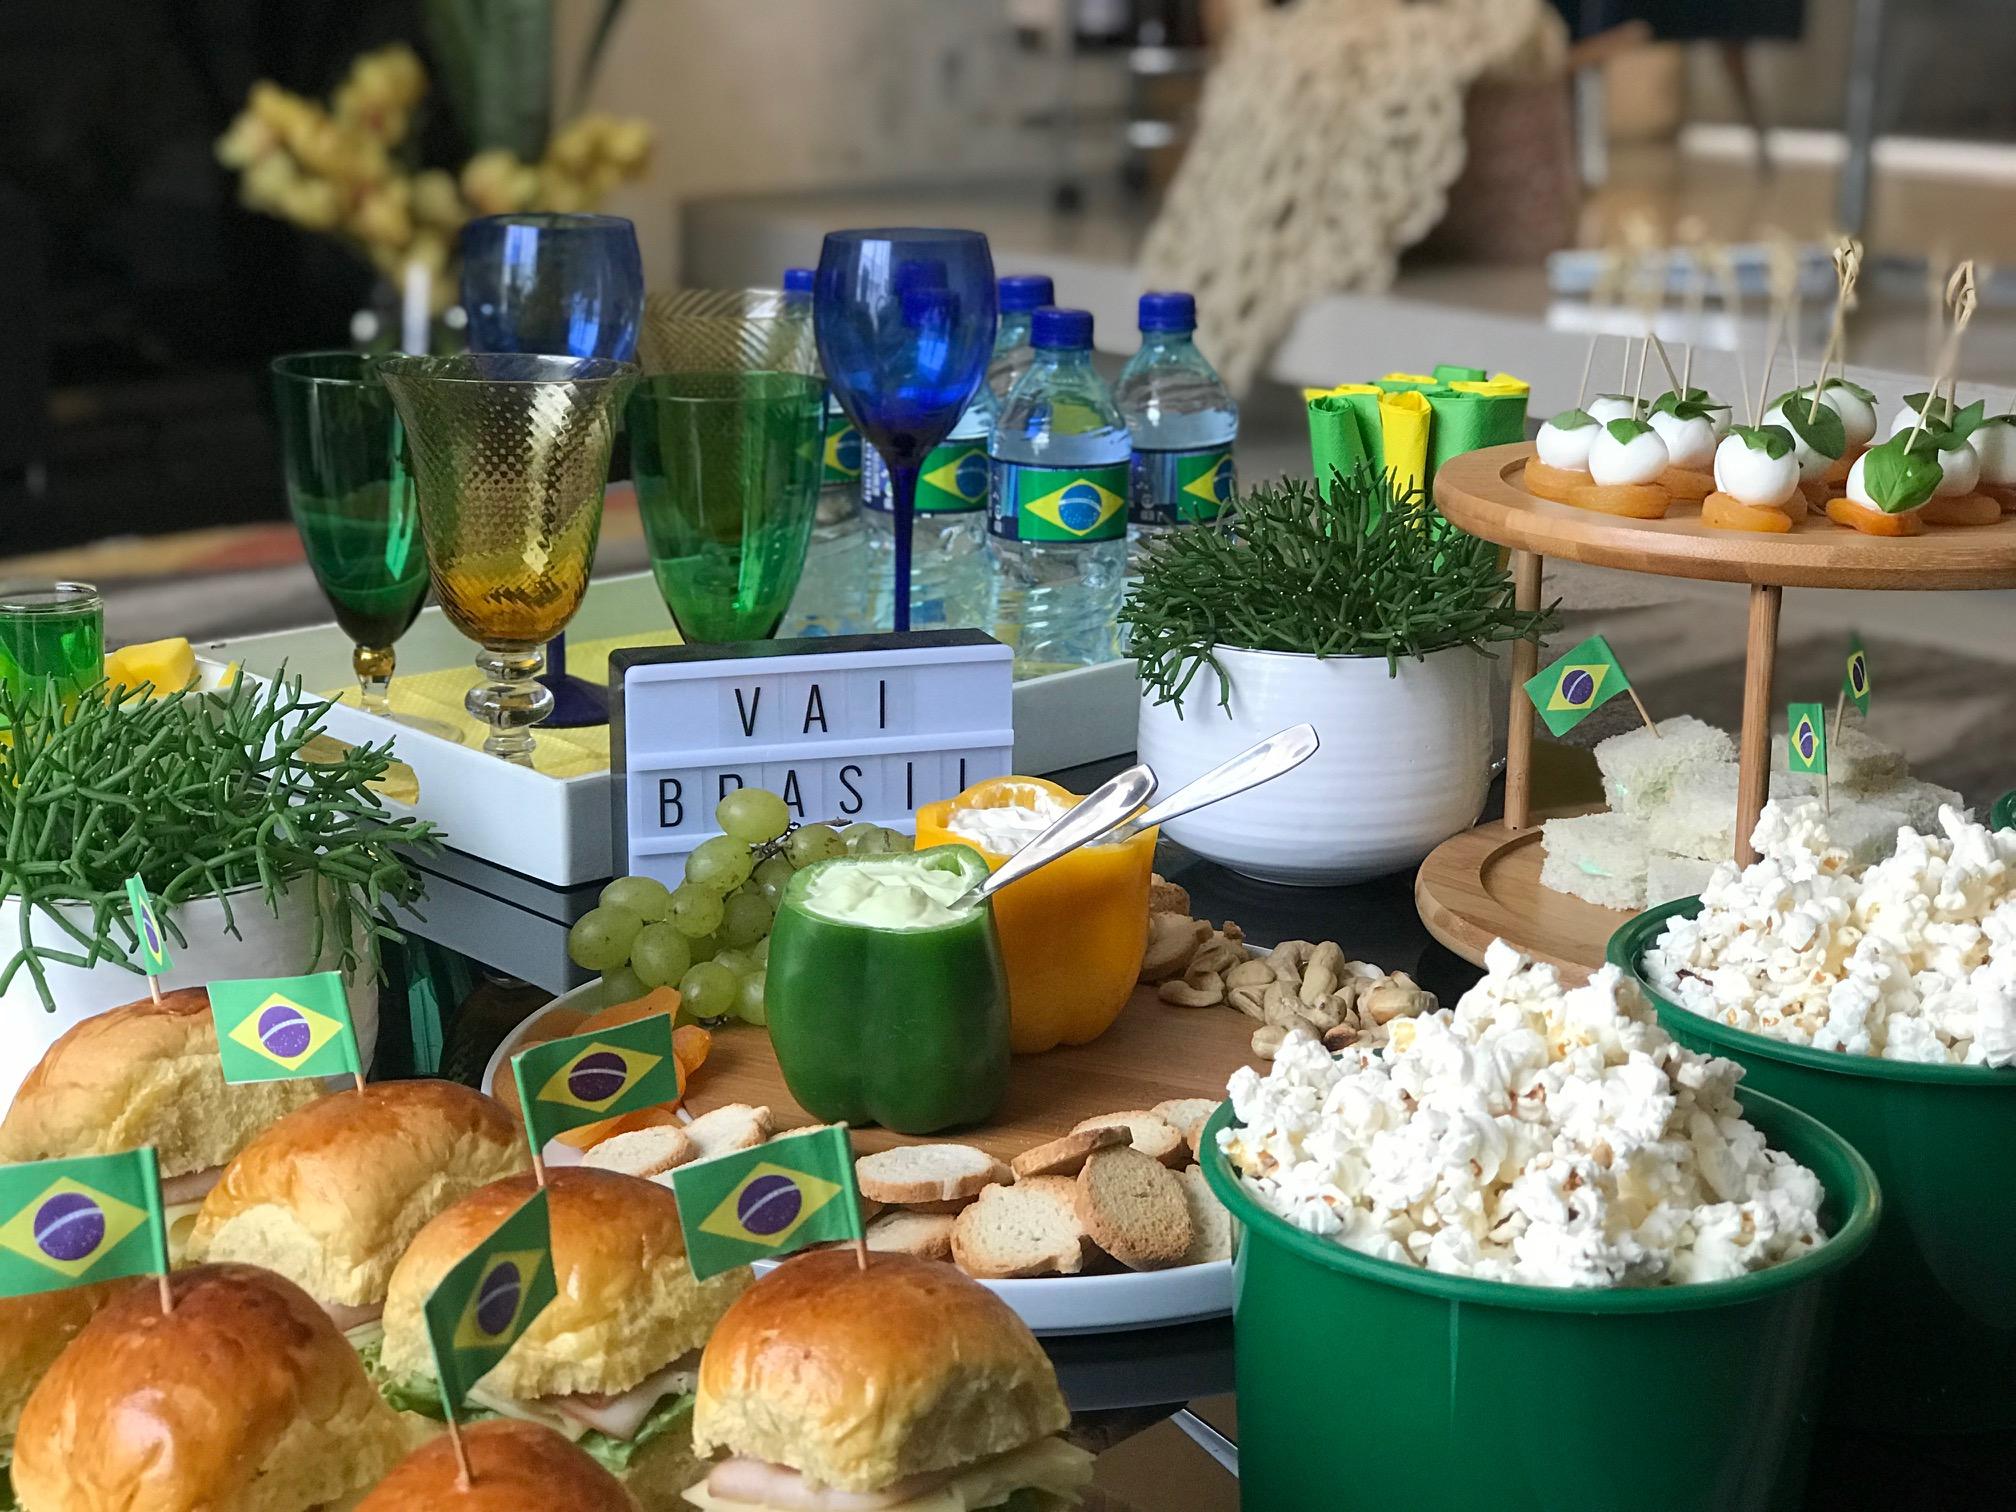 Giselle Martos, do blog Lar Doce Casa, montou uma mesa temática e indica o que não pode faltar na hora de comemorar com amigos e família